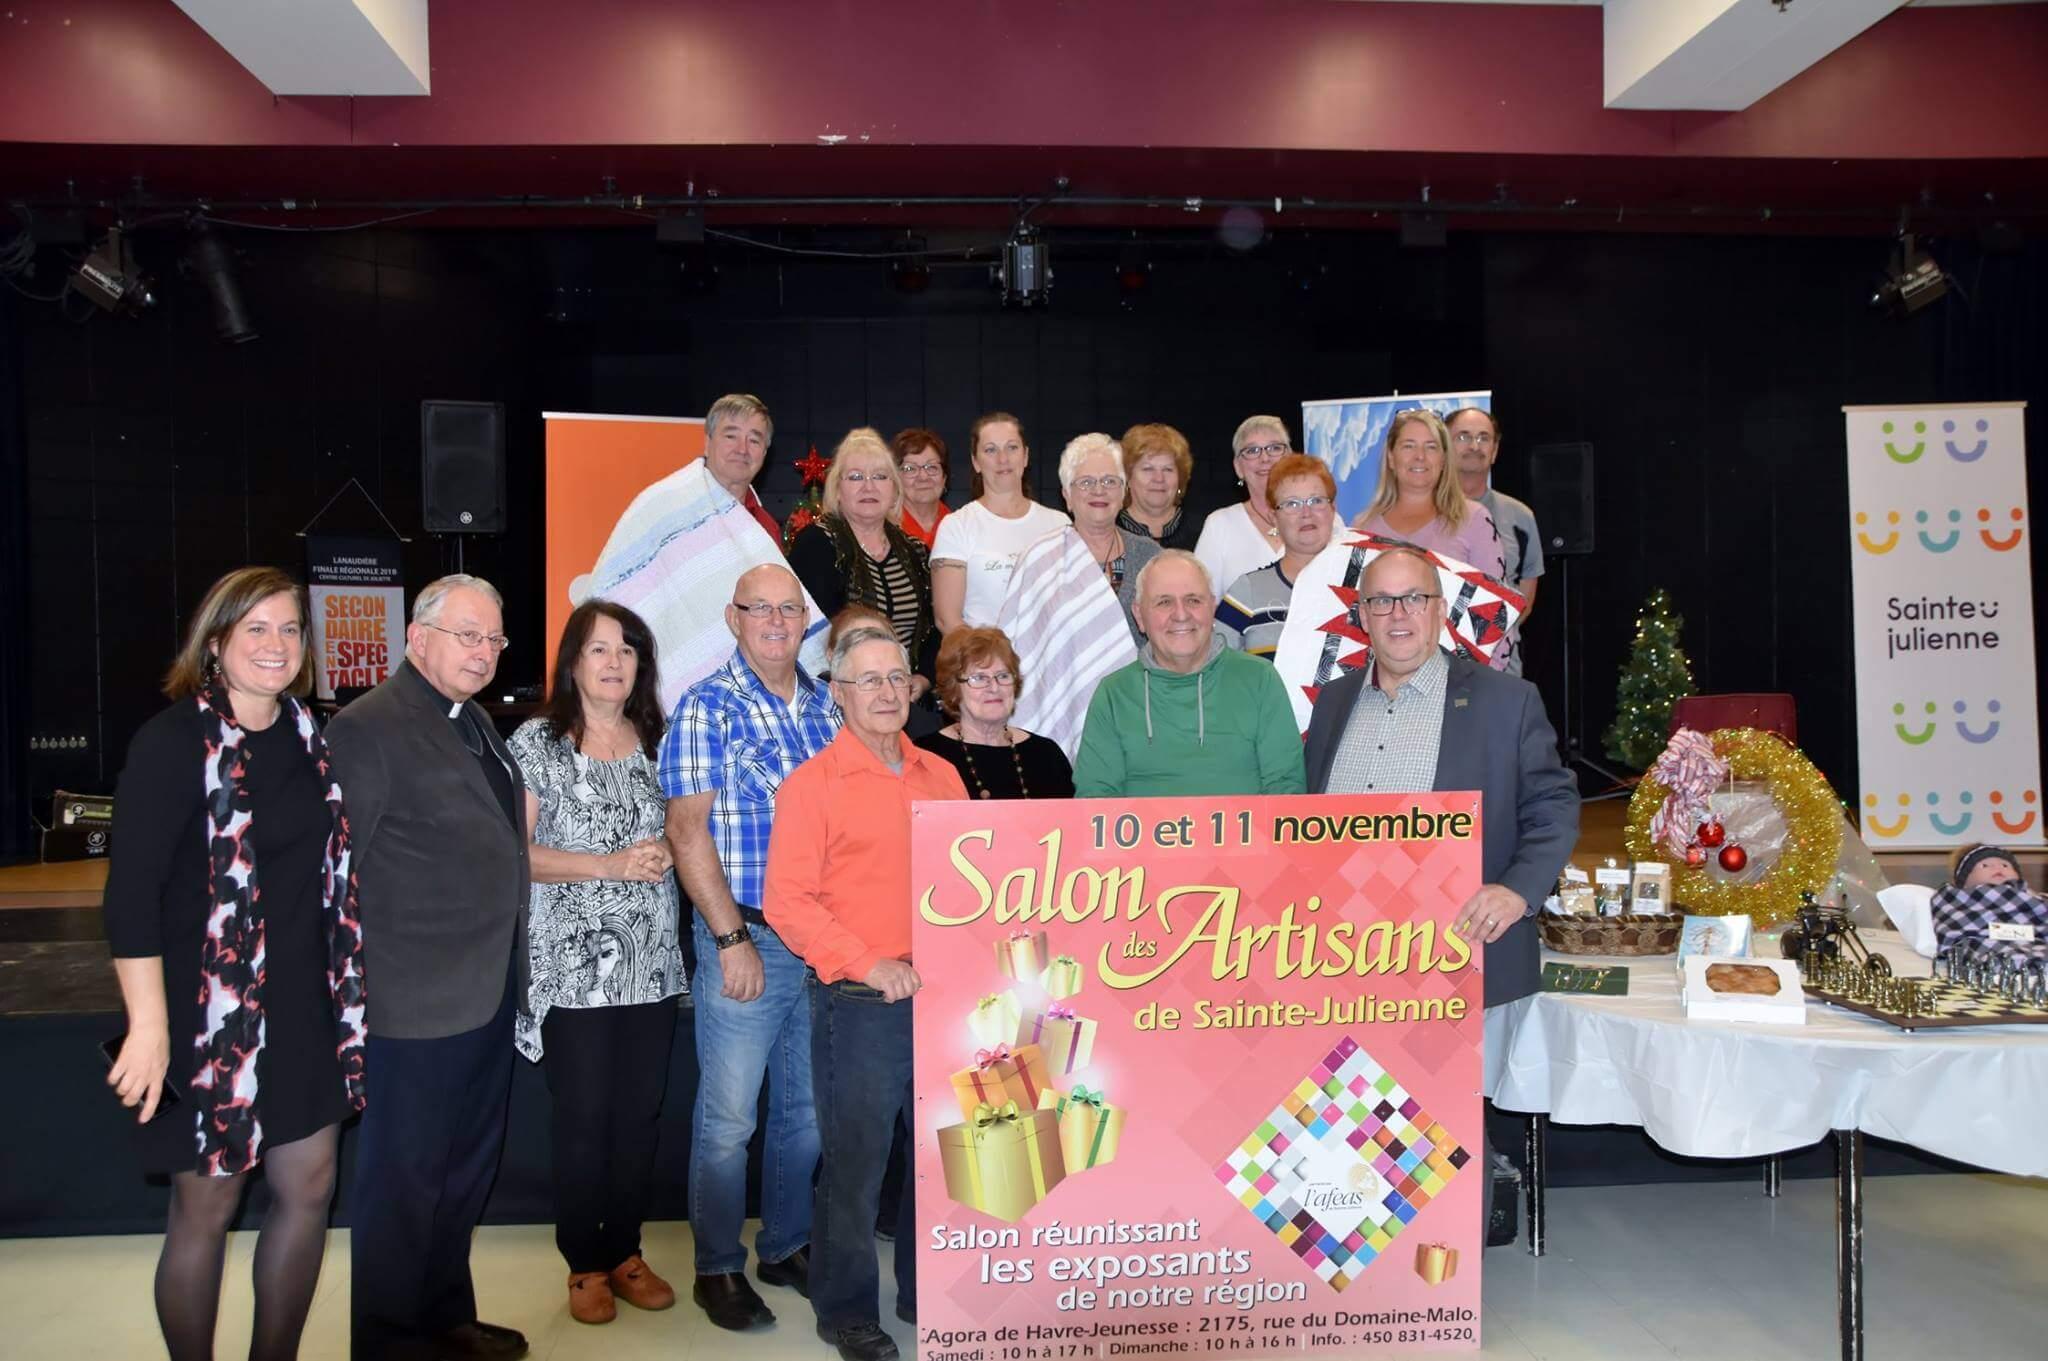 Salon des Artisans à Sainte-Julienne